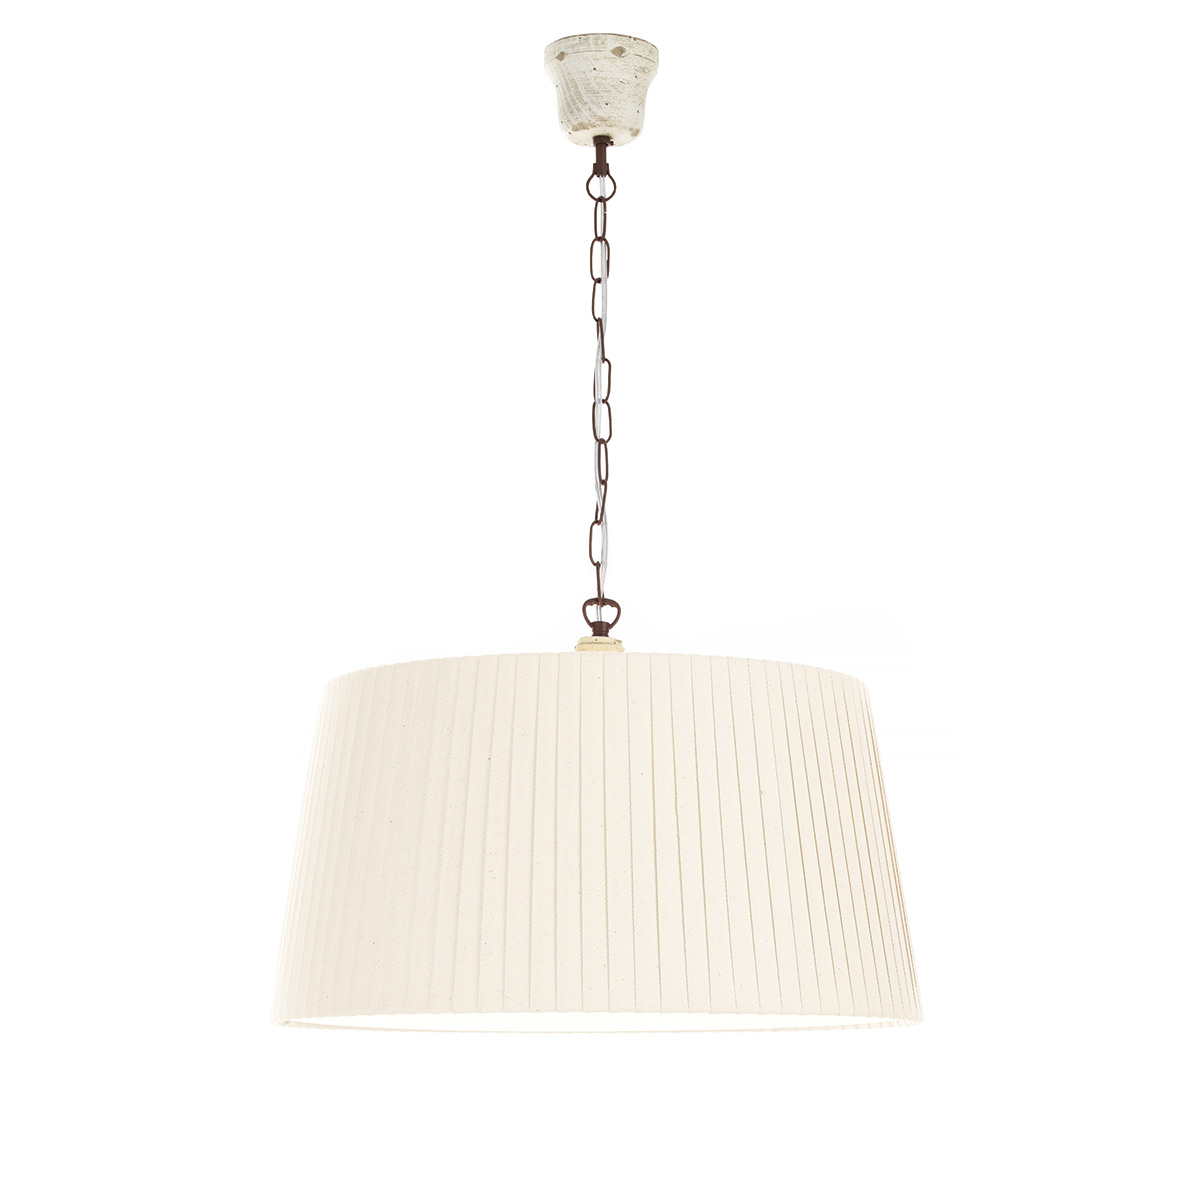 Ρουστίκ κρεμαστό φωτιστικό TURN RUSTICO rustic suspension lamp